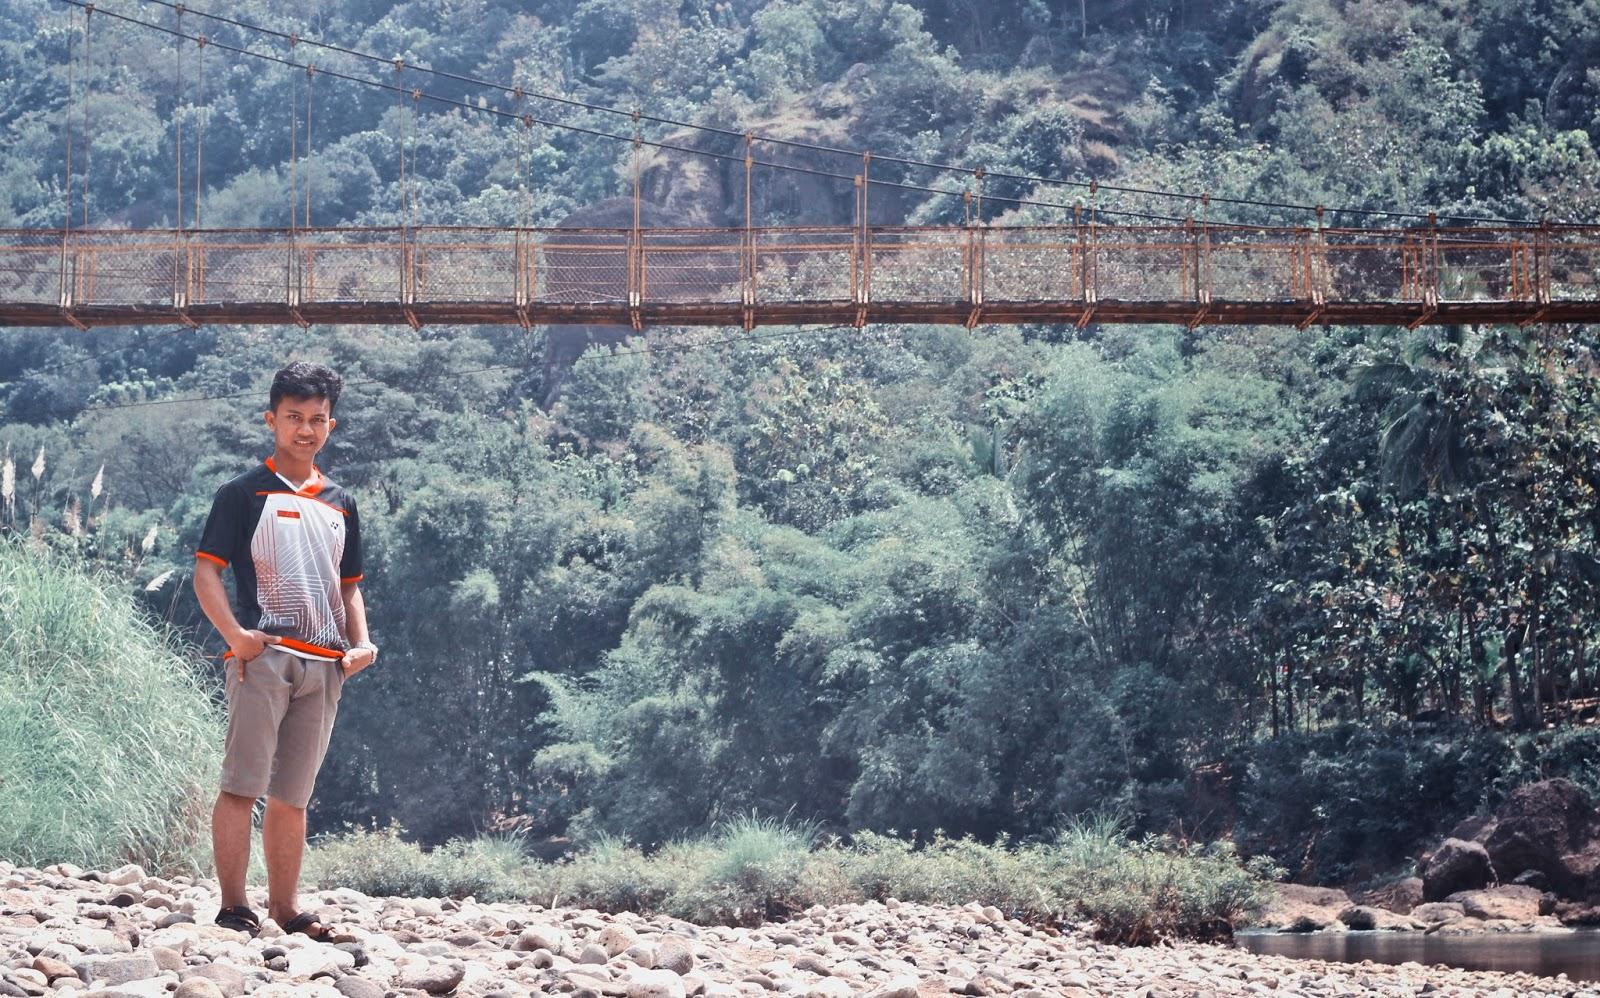 aji dan jembatan gantung